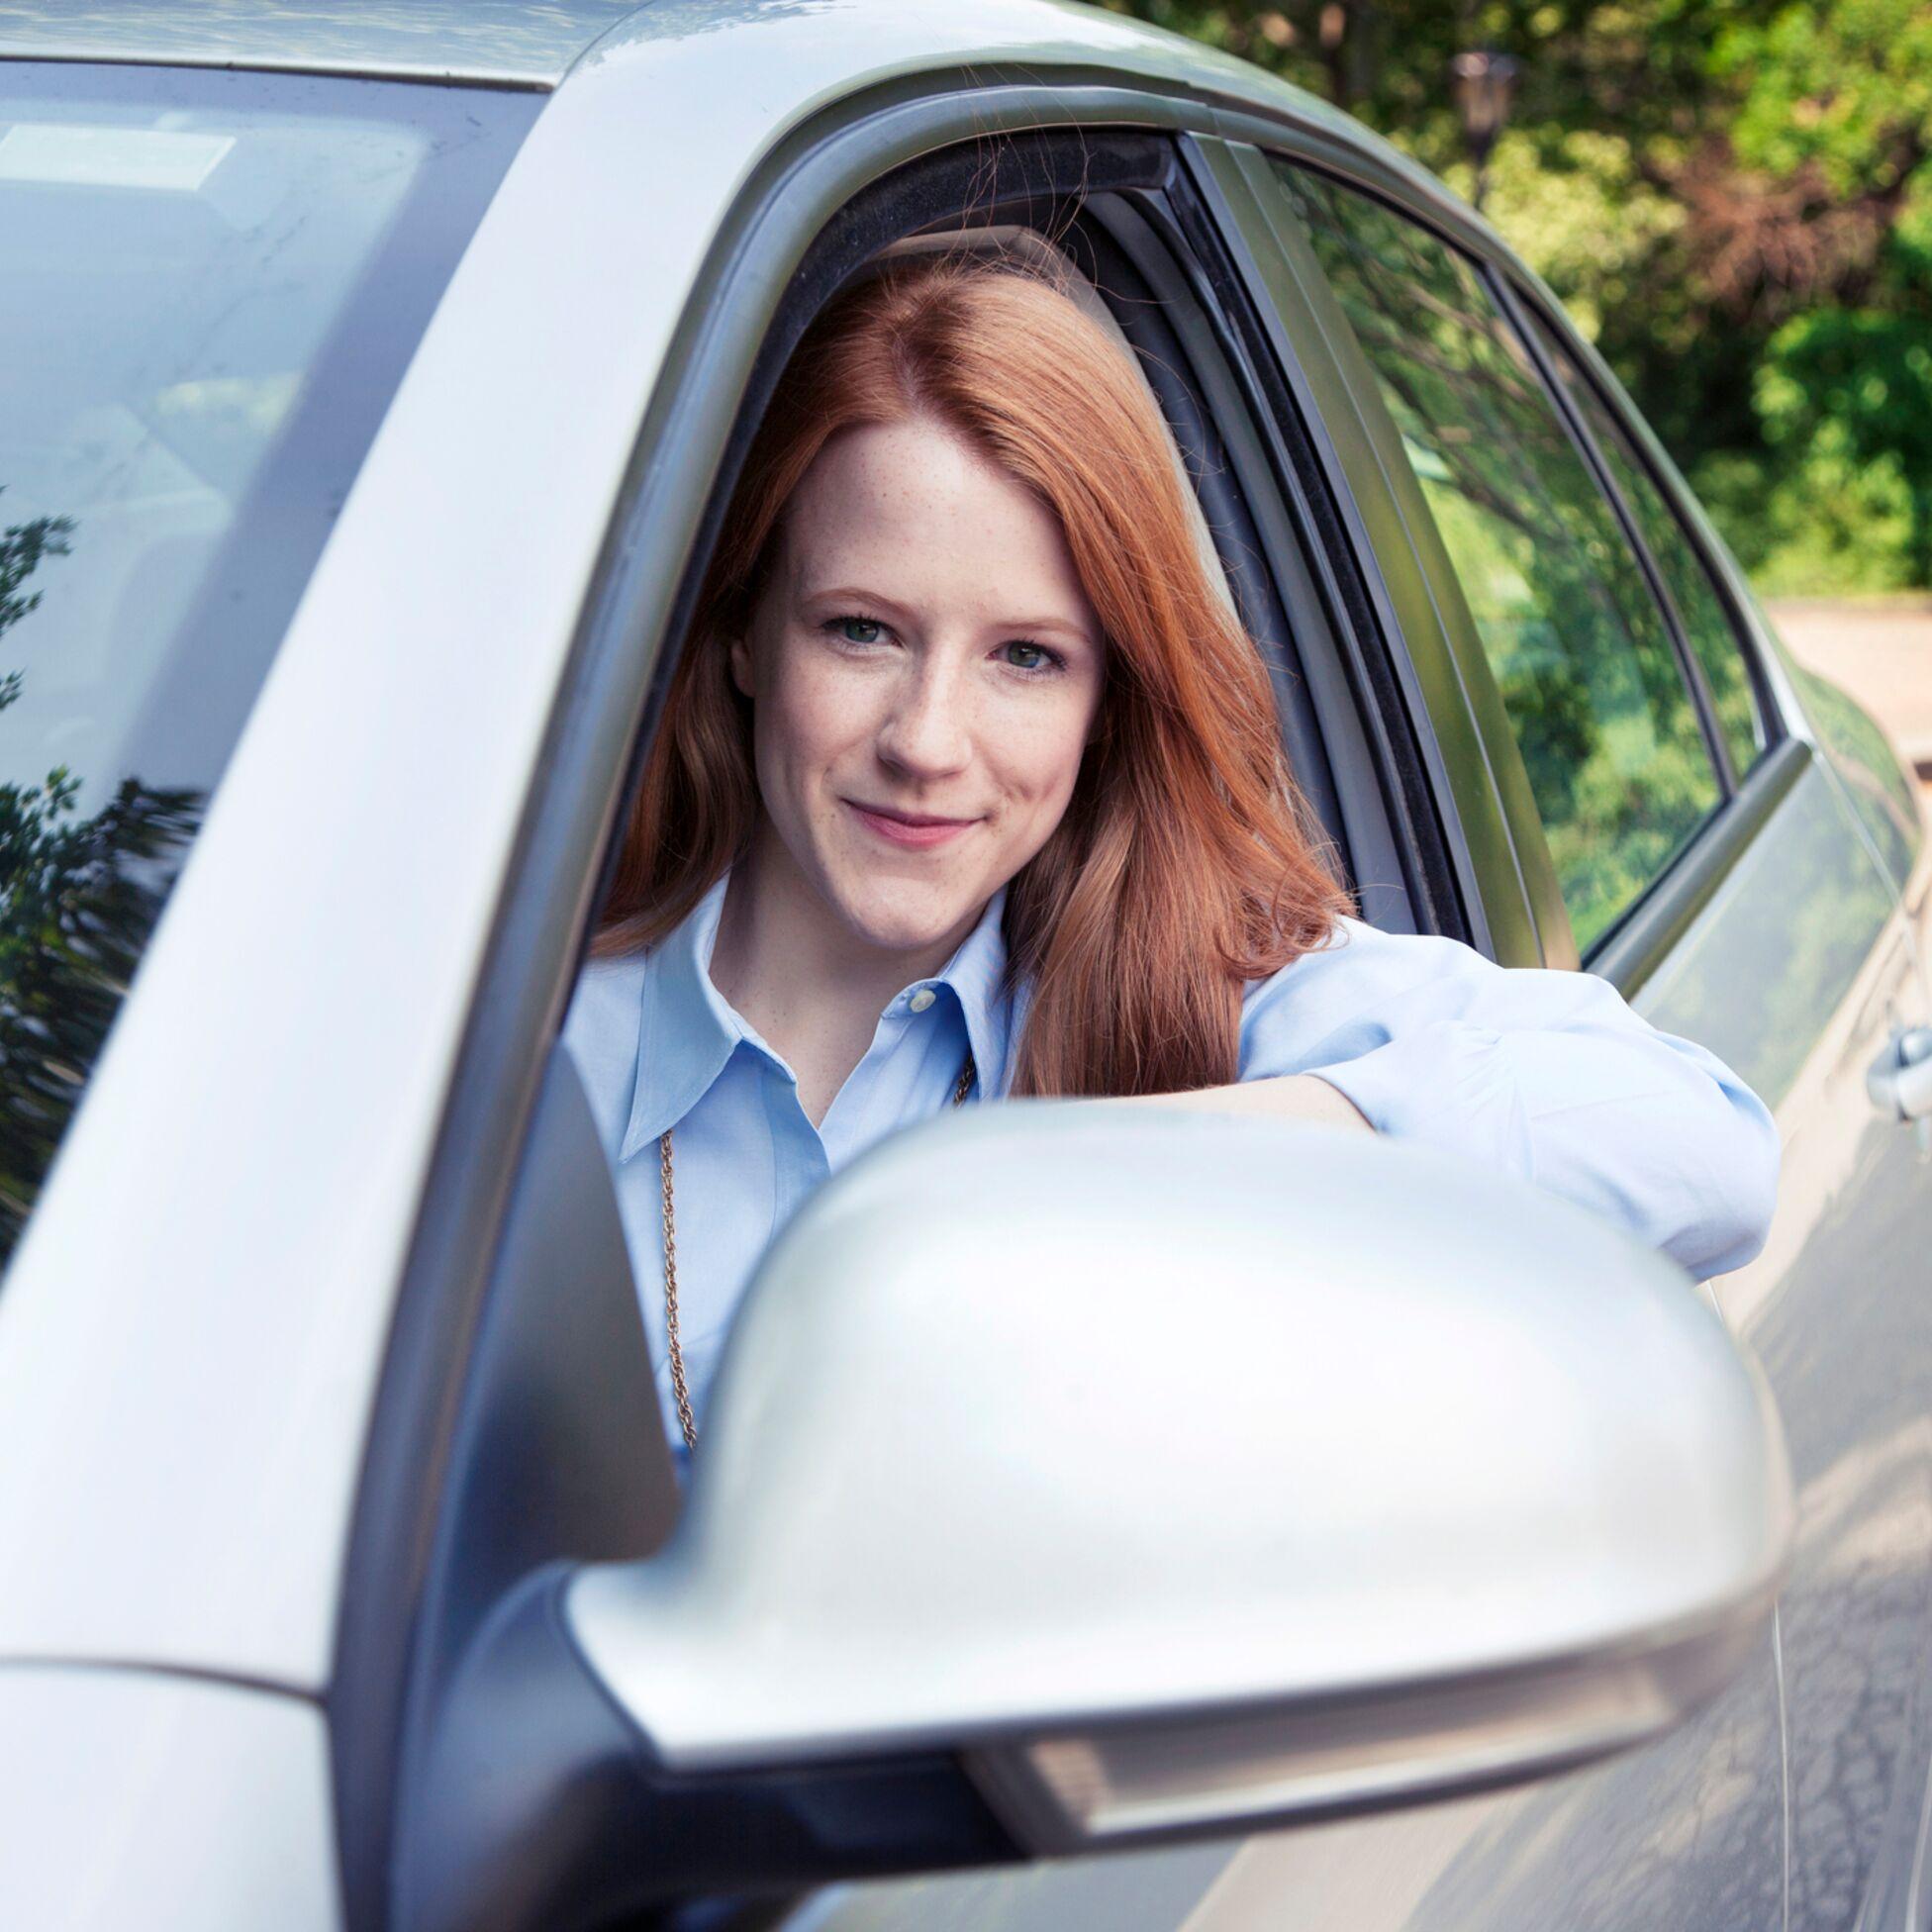 Frau am Steuer eines Wagens schaut aus dem Fenster